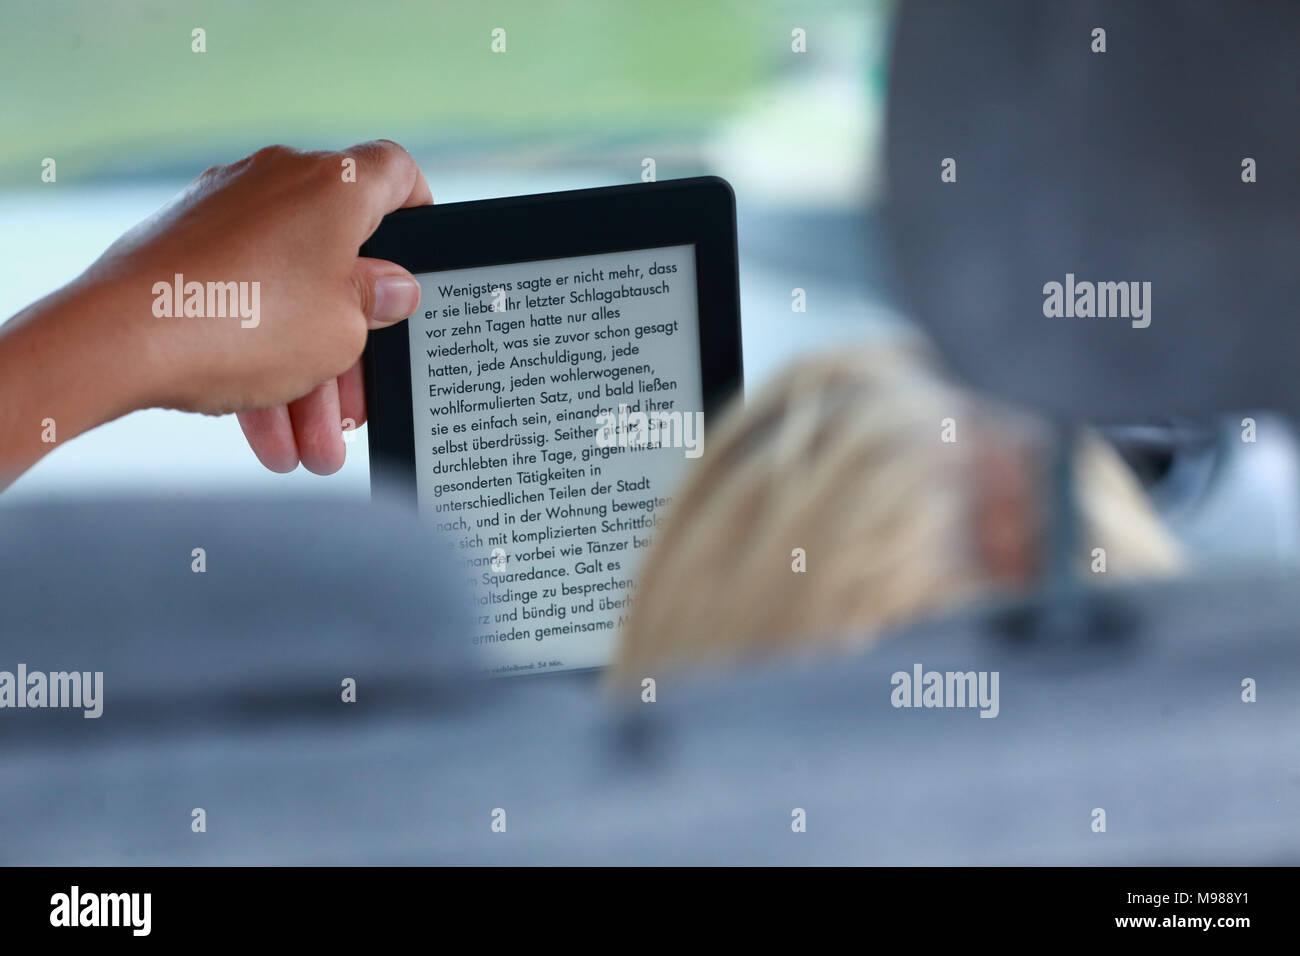 Blonde womand de derrière assis sur le siège passager dans une voiture de la lecture d'un livre allemand sur un e-reader Photo Stock